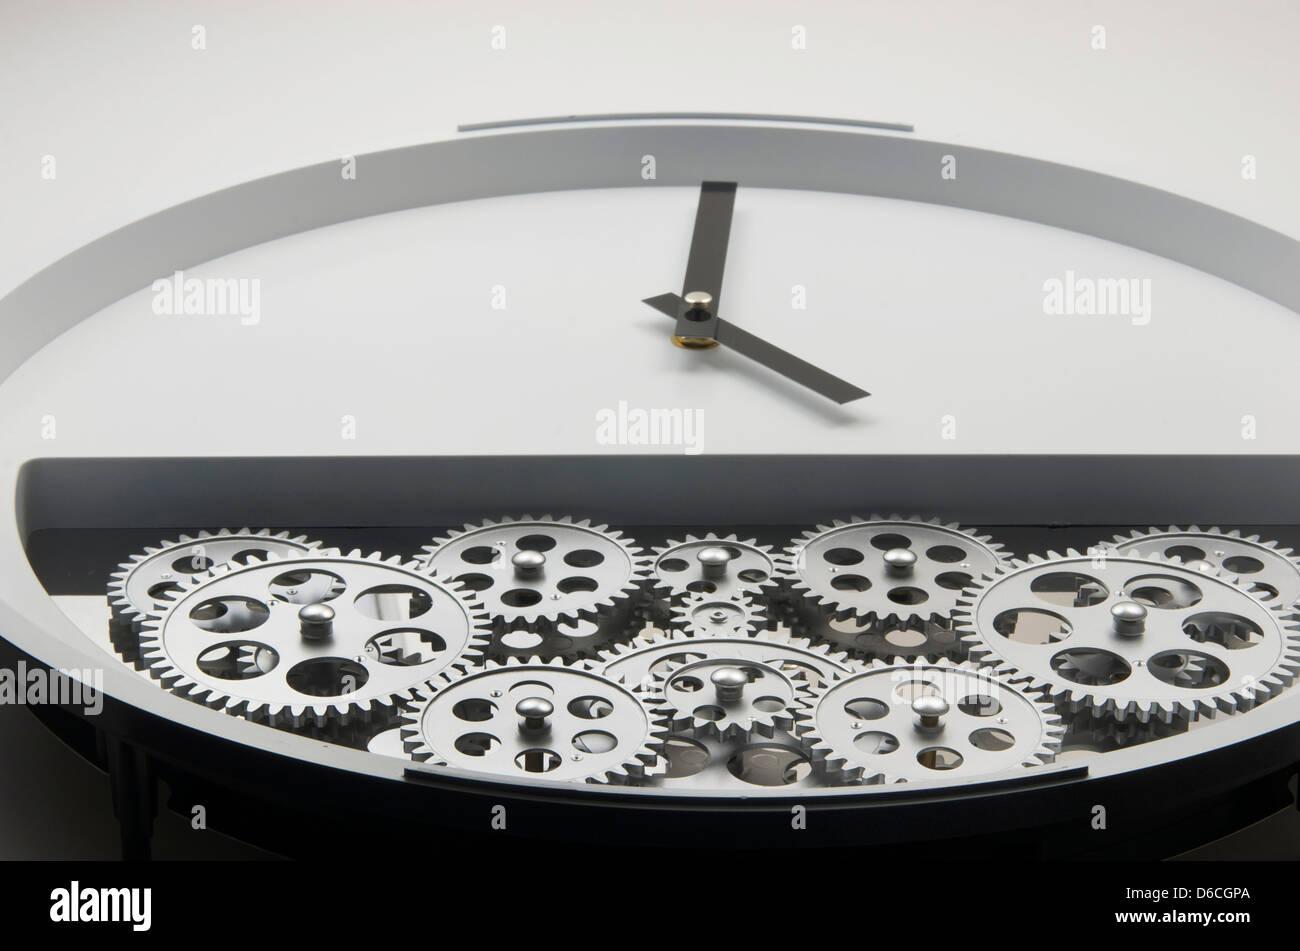 Reloj de aspecto moderno blanco de manos negras y engranajes en su mitad inferior que hacen que el reloj. Imagen De Stock